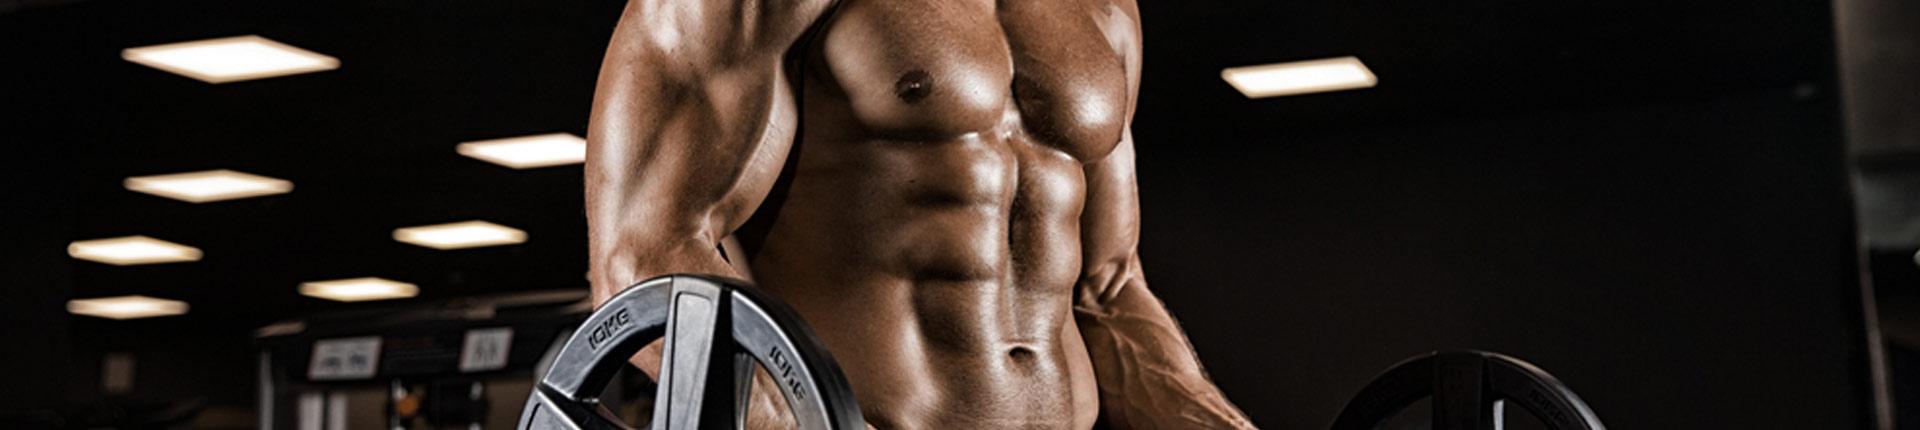 5 sposobów na zwiększenie czasu napięcia mięśniowego